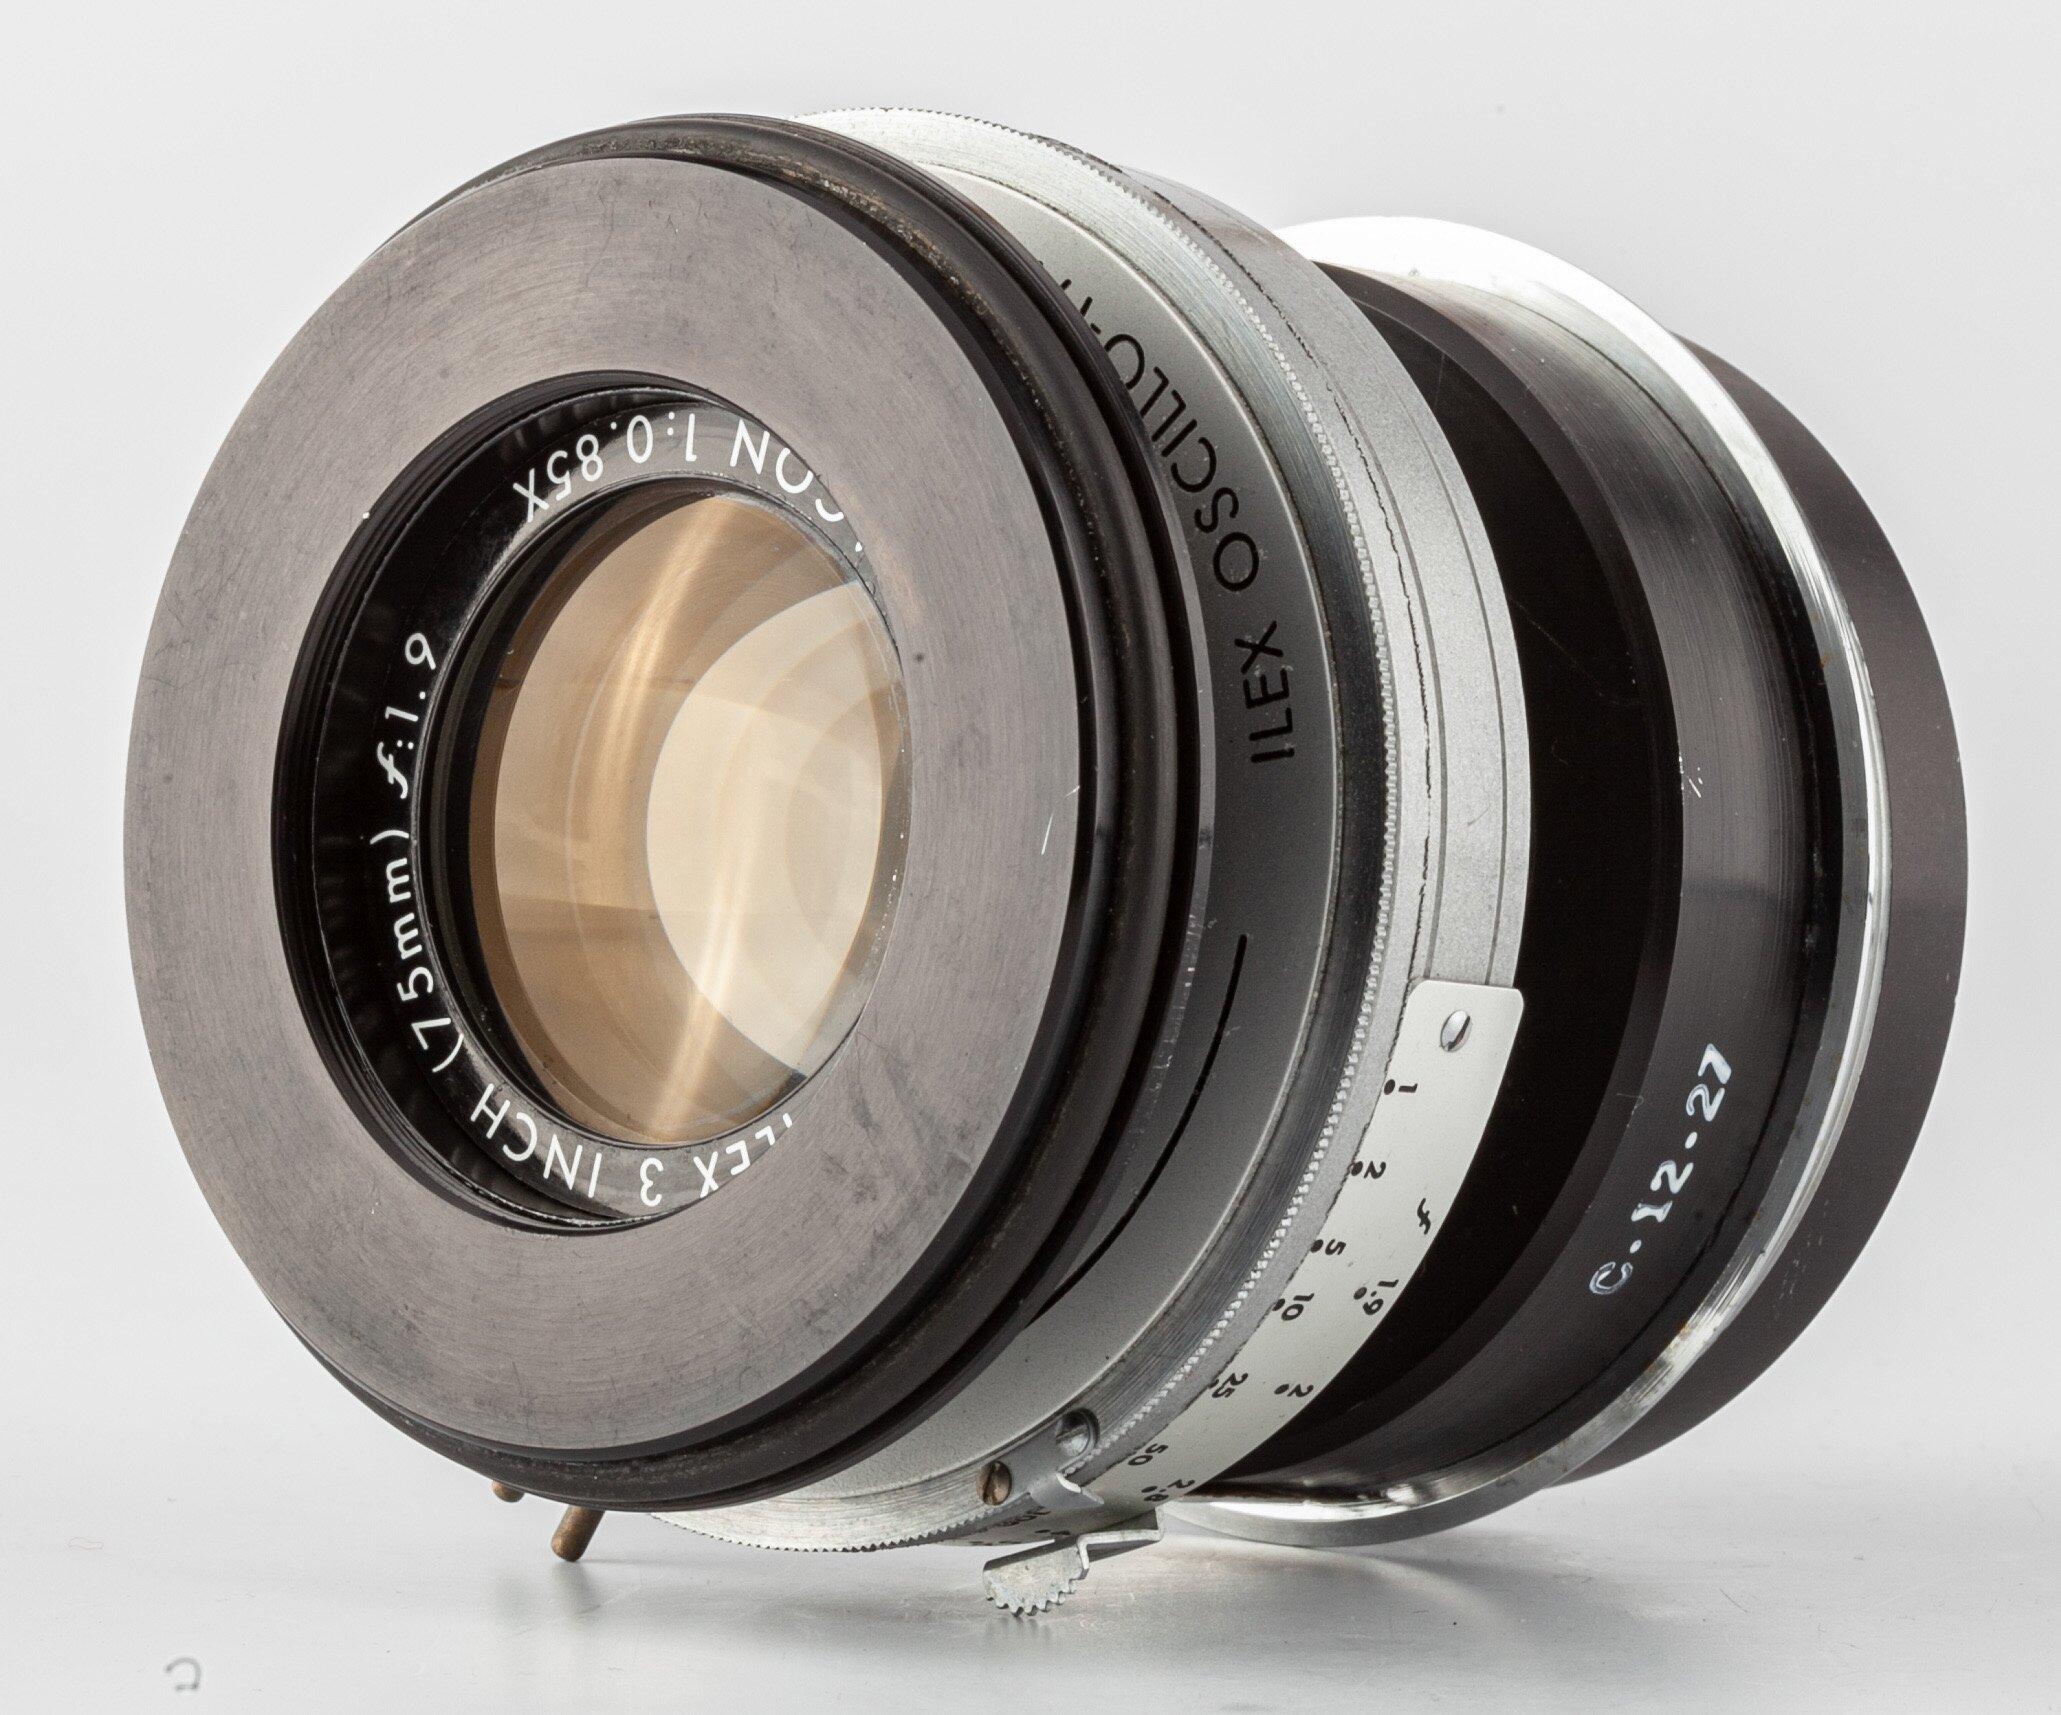 Oscillo-Paragon 1:0.85X f:1,9/75mm Ilex 3 INCH